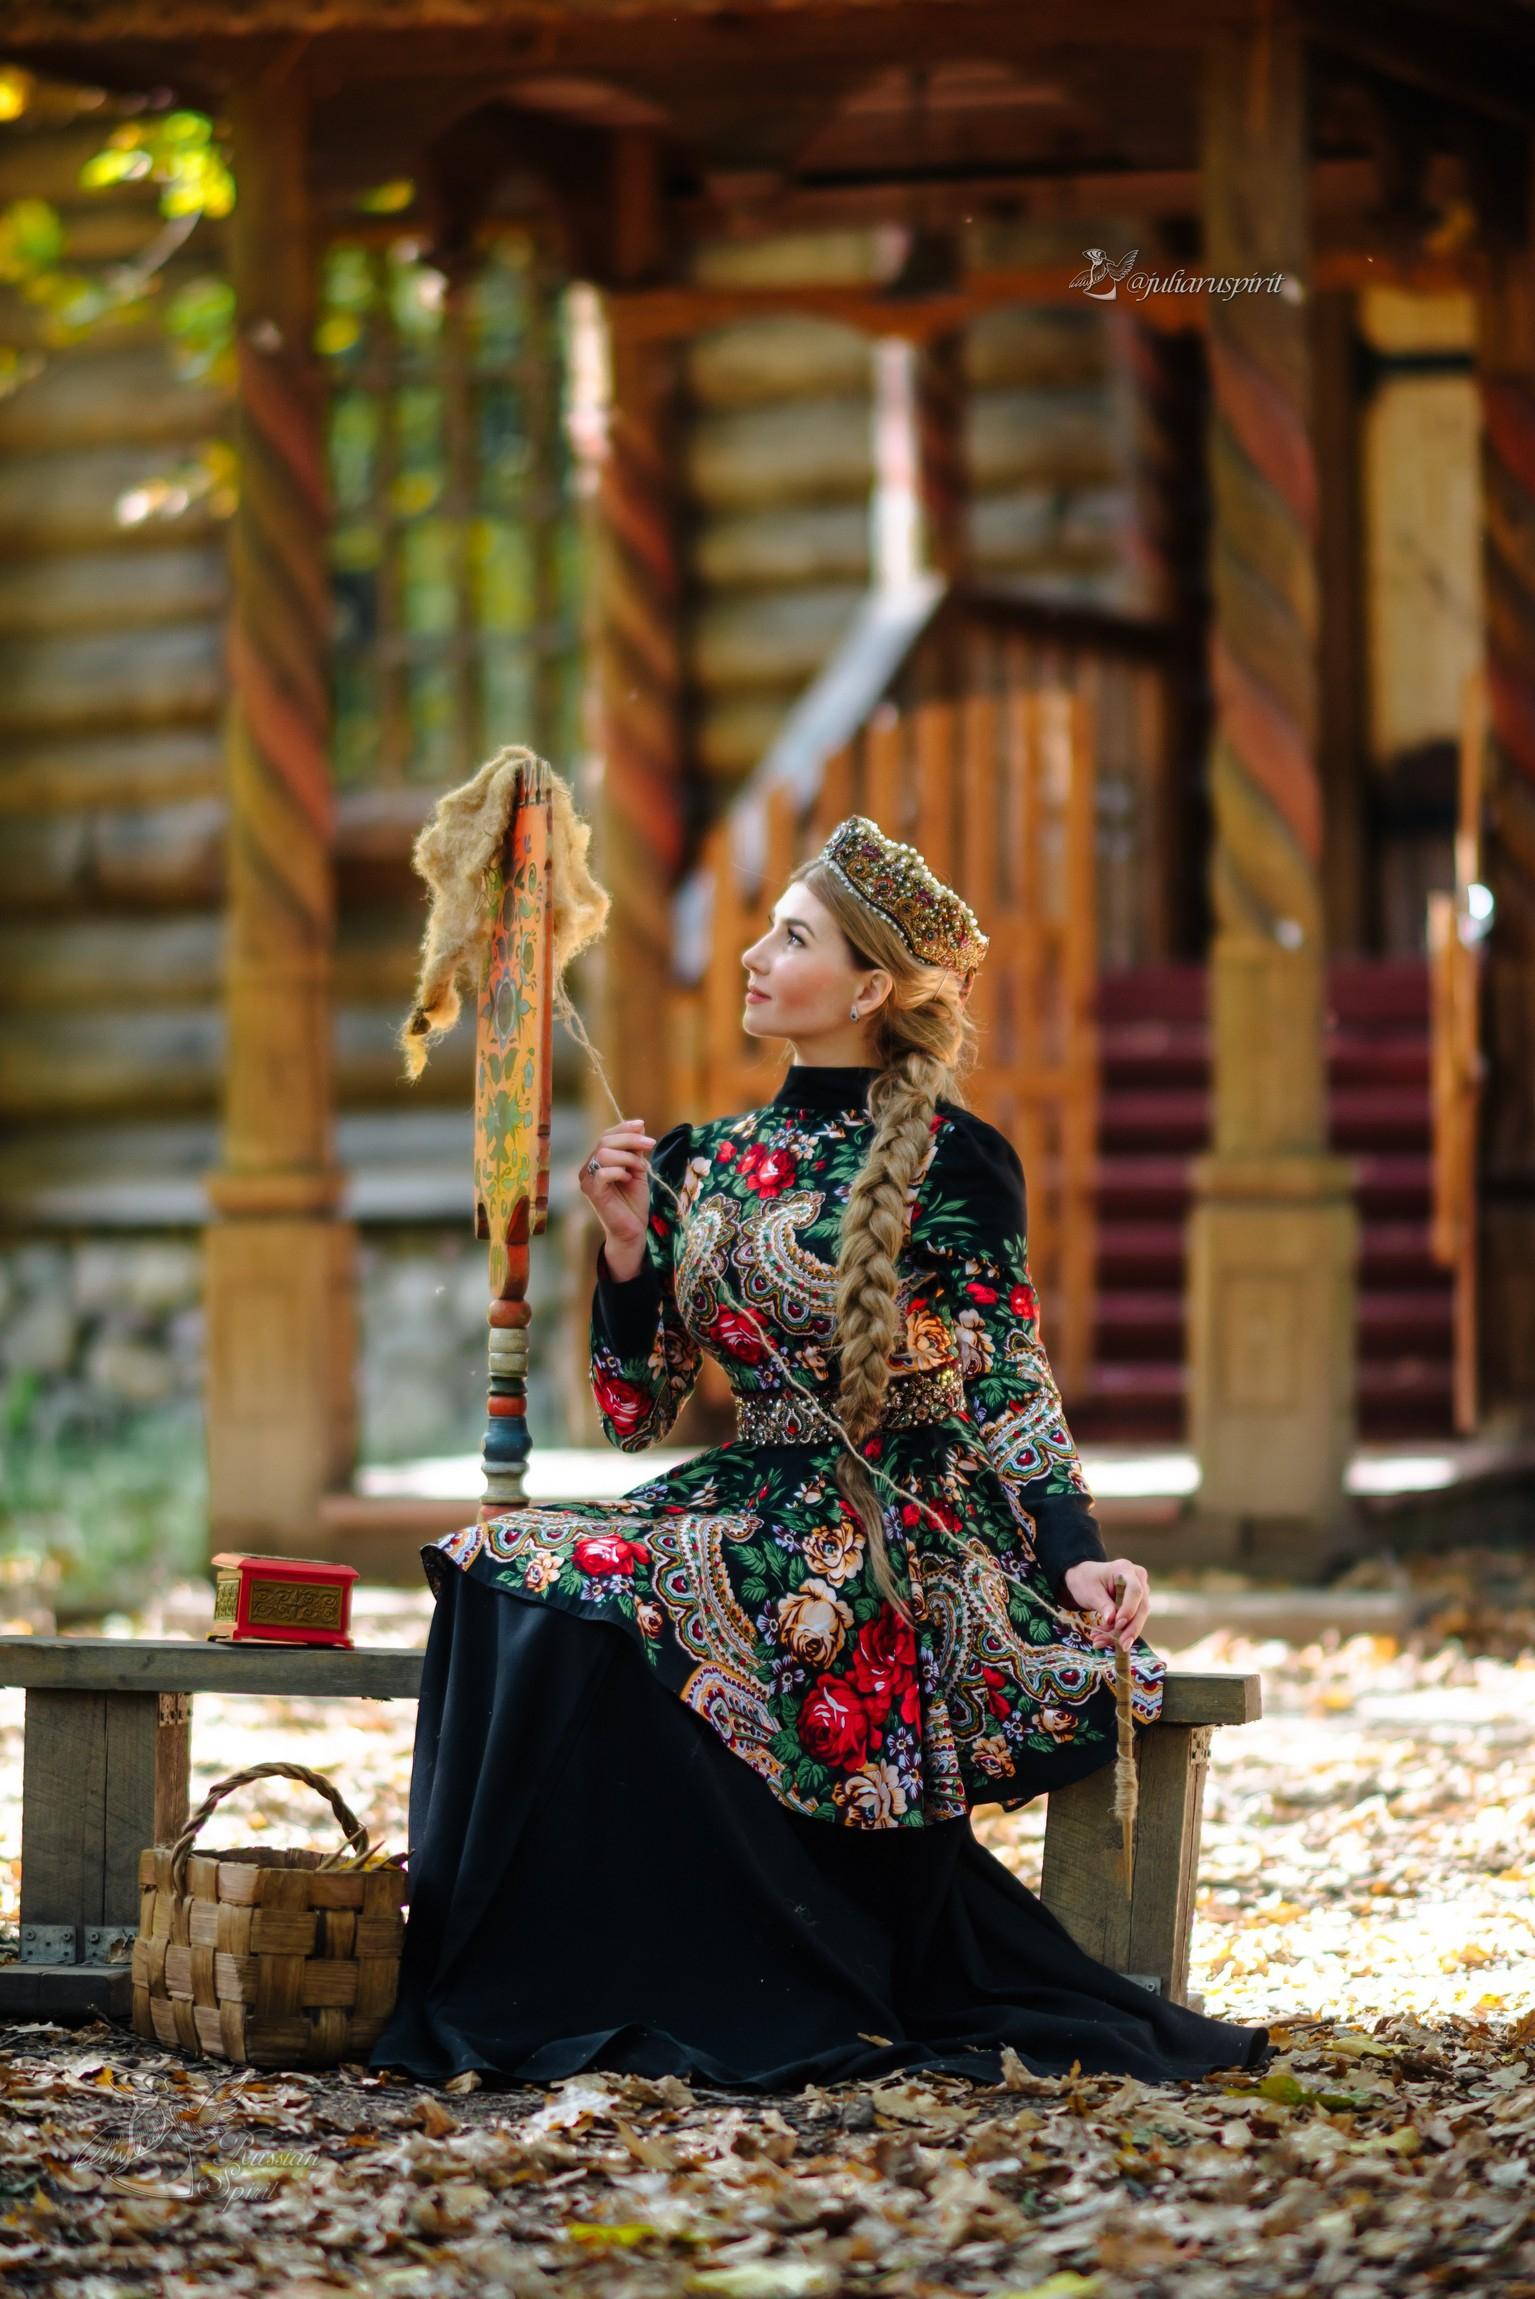 девушка в платье в русском стиле прядёт у терема